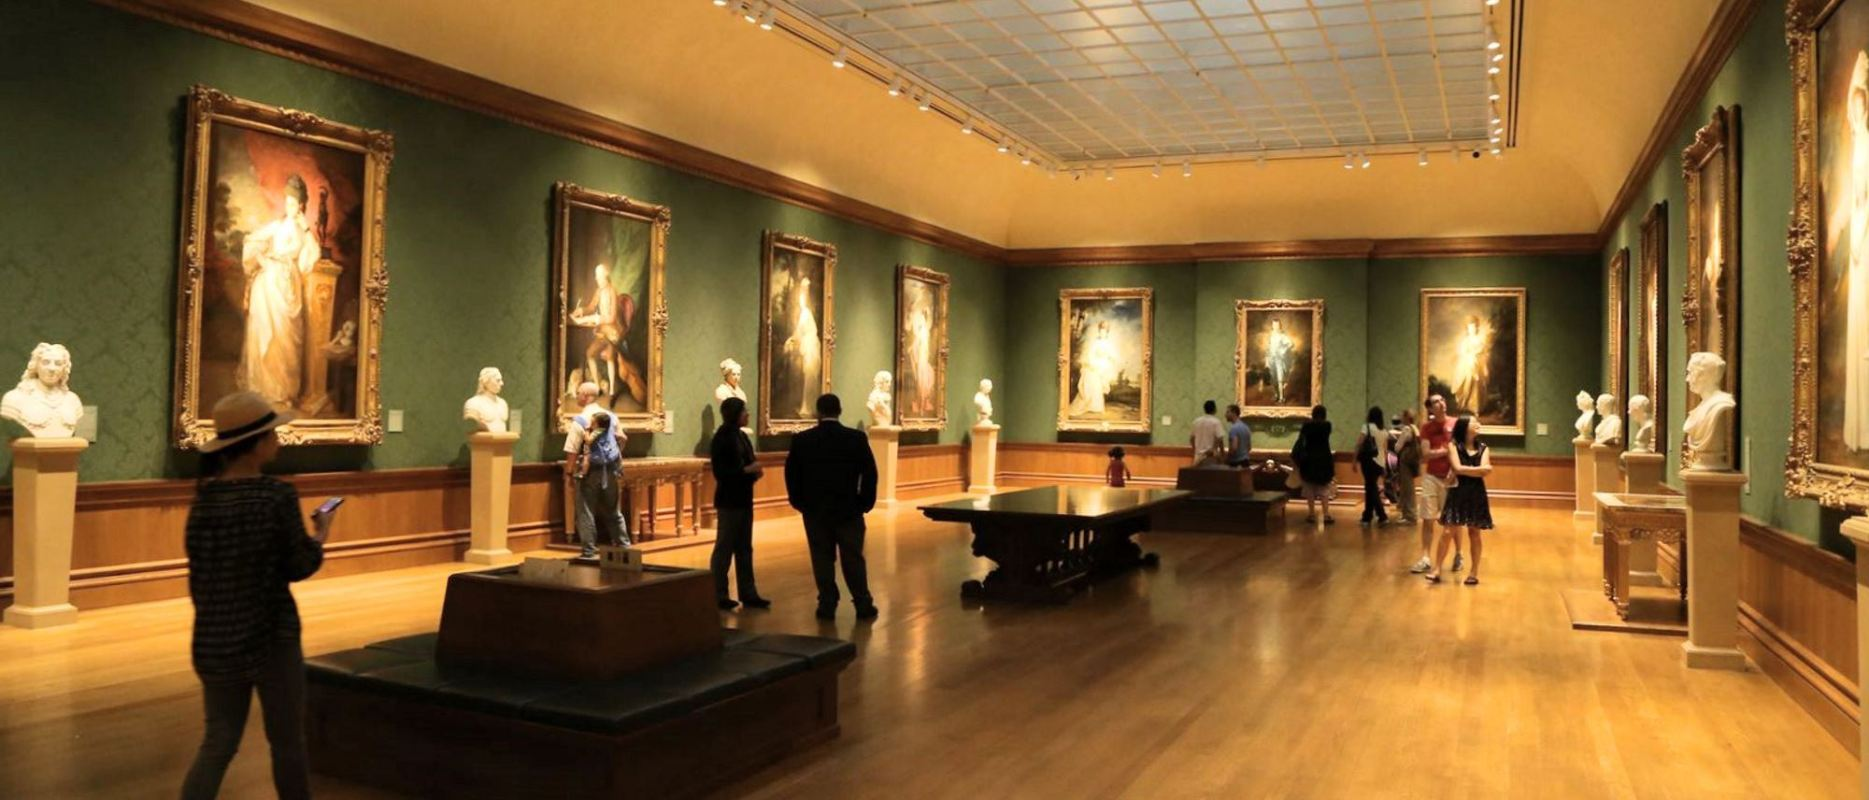 The Best Museum Date Ideas in LA